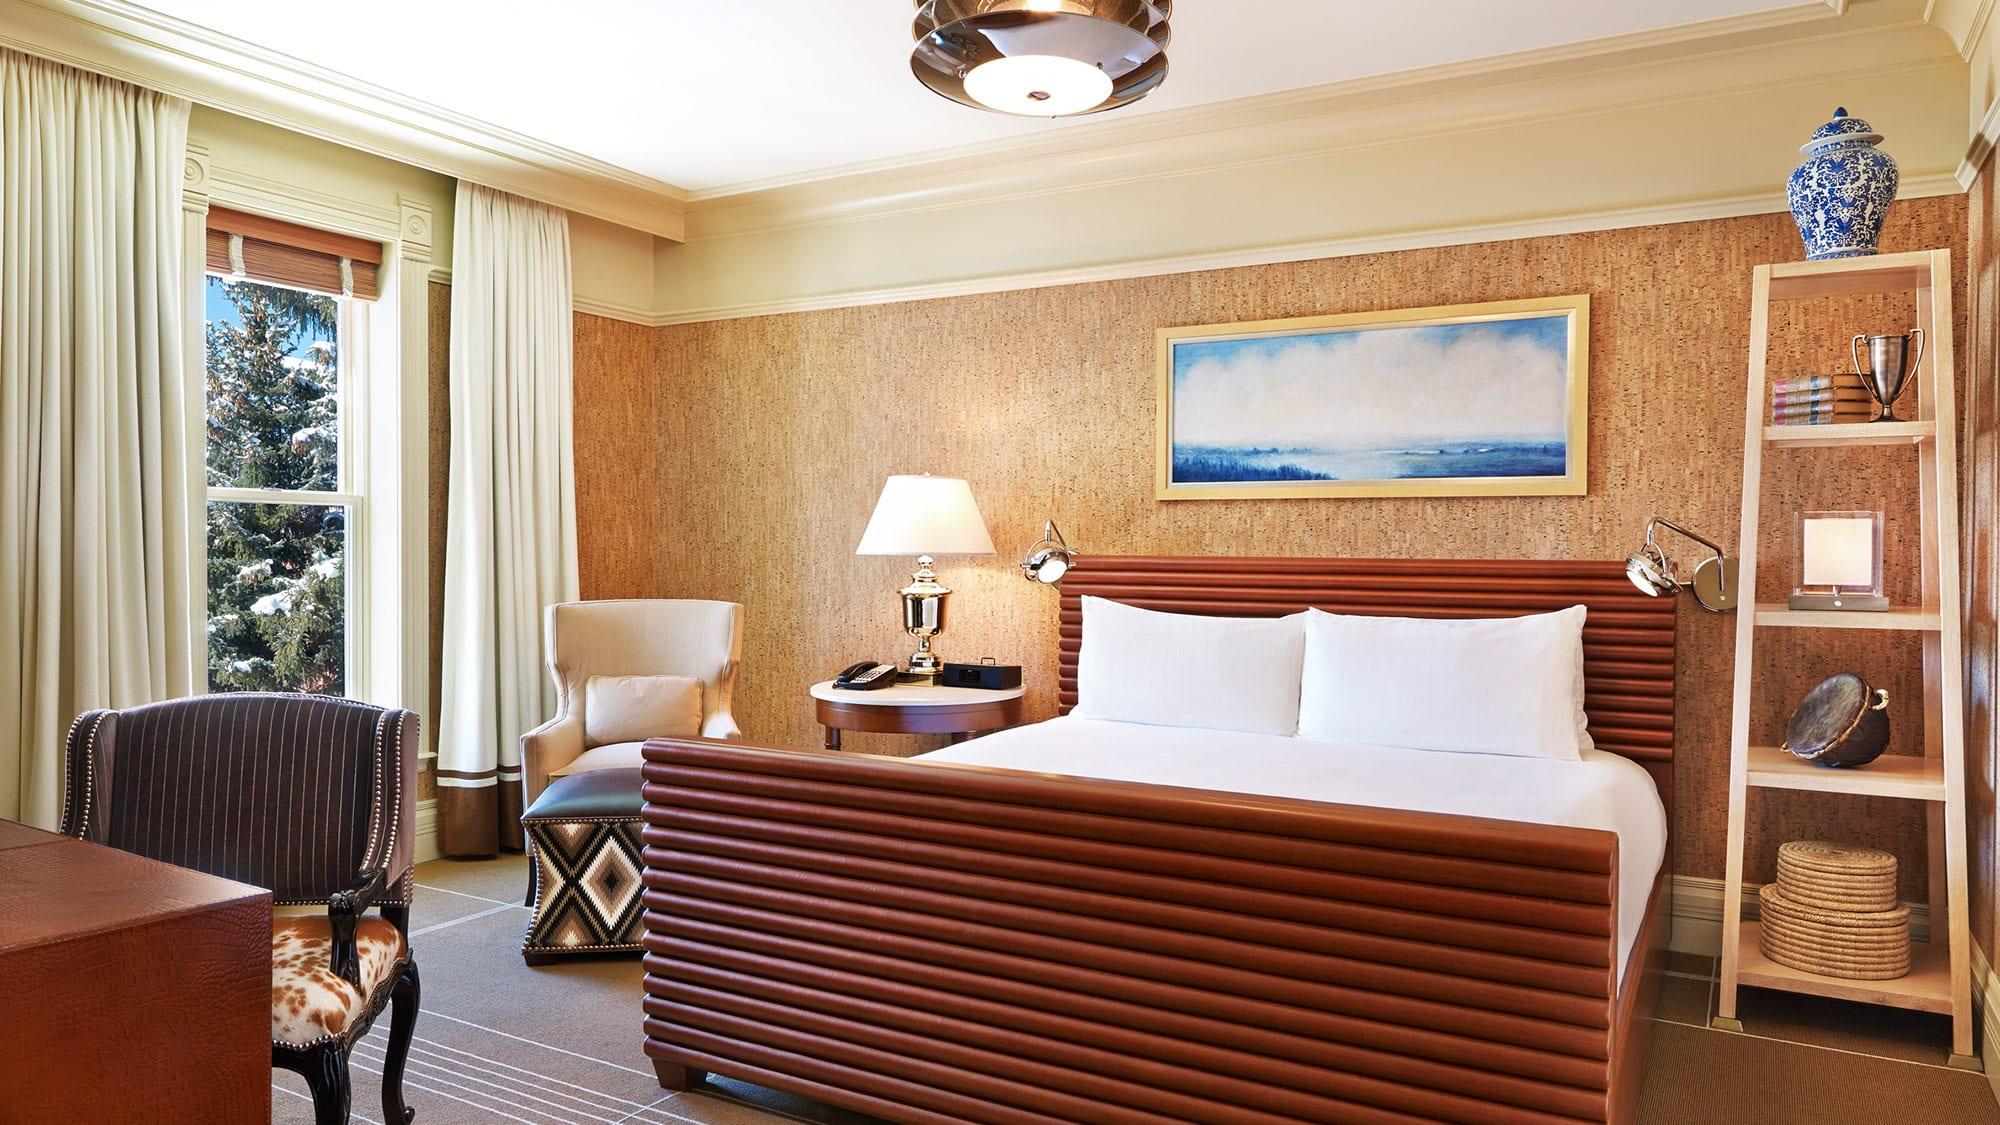 presidential suite interior